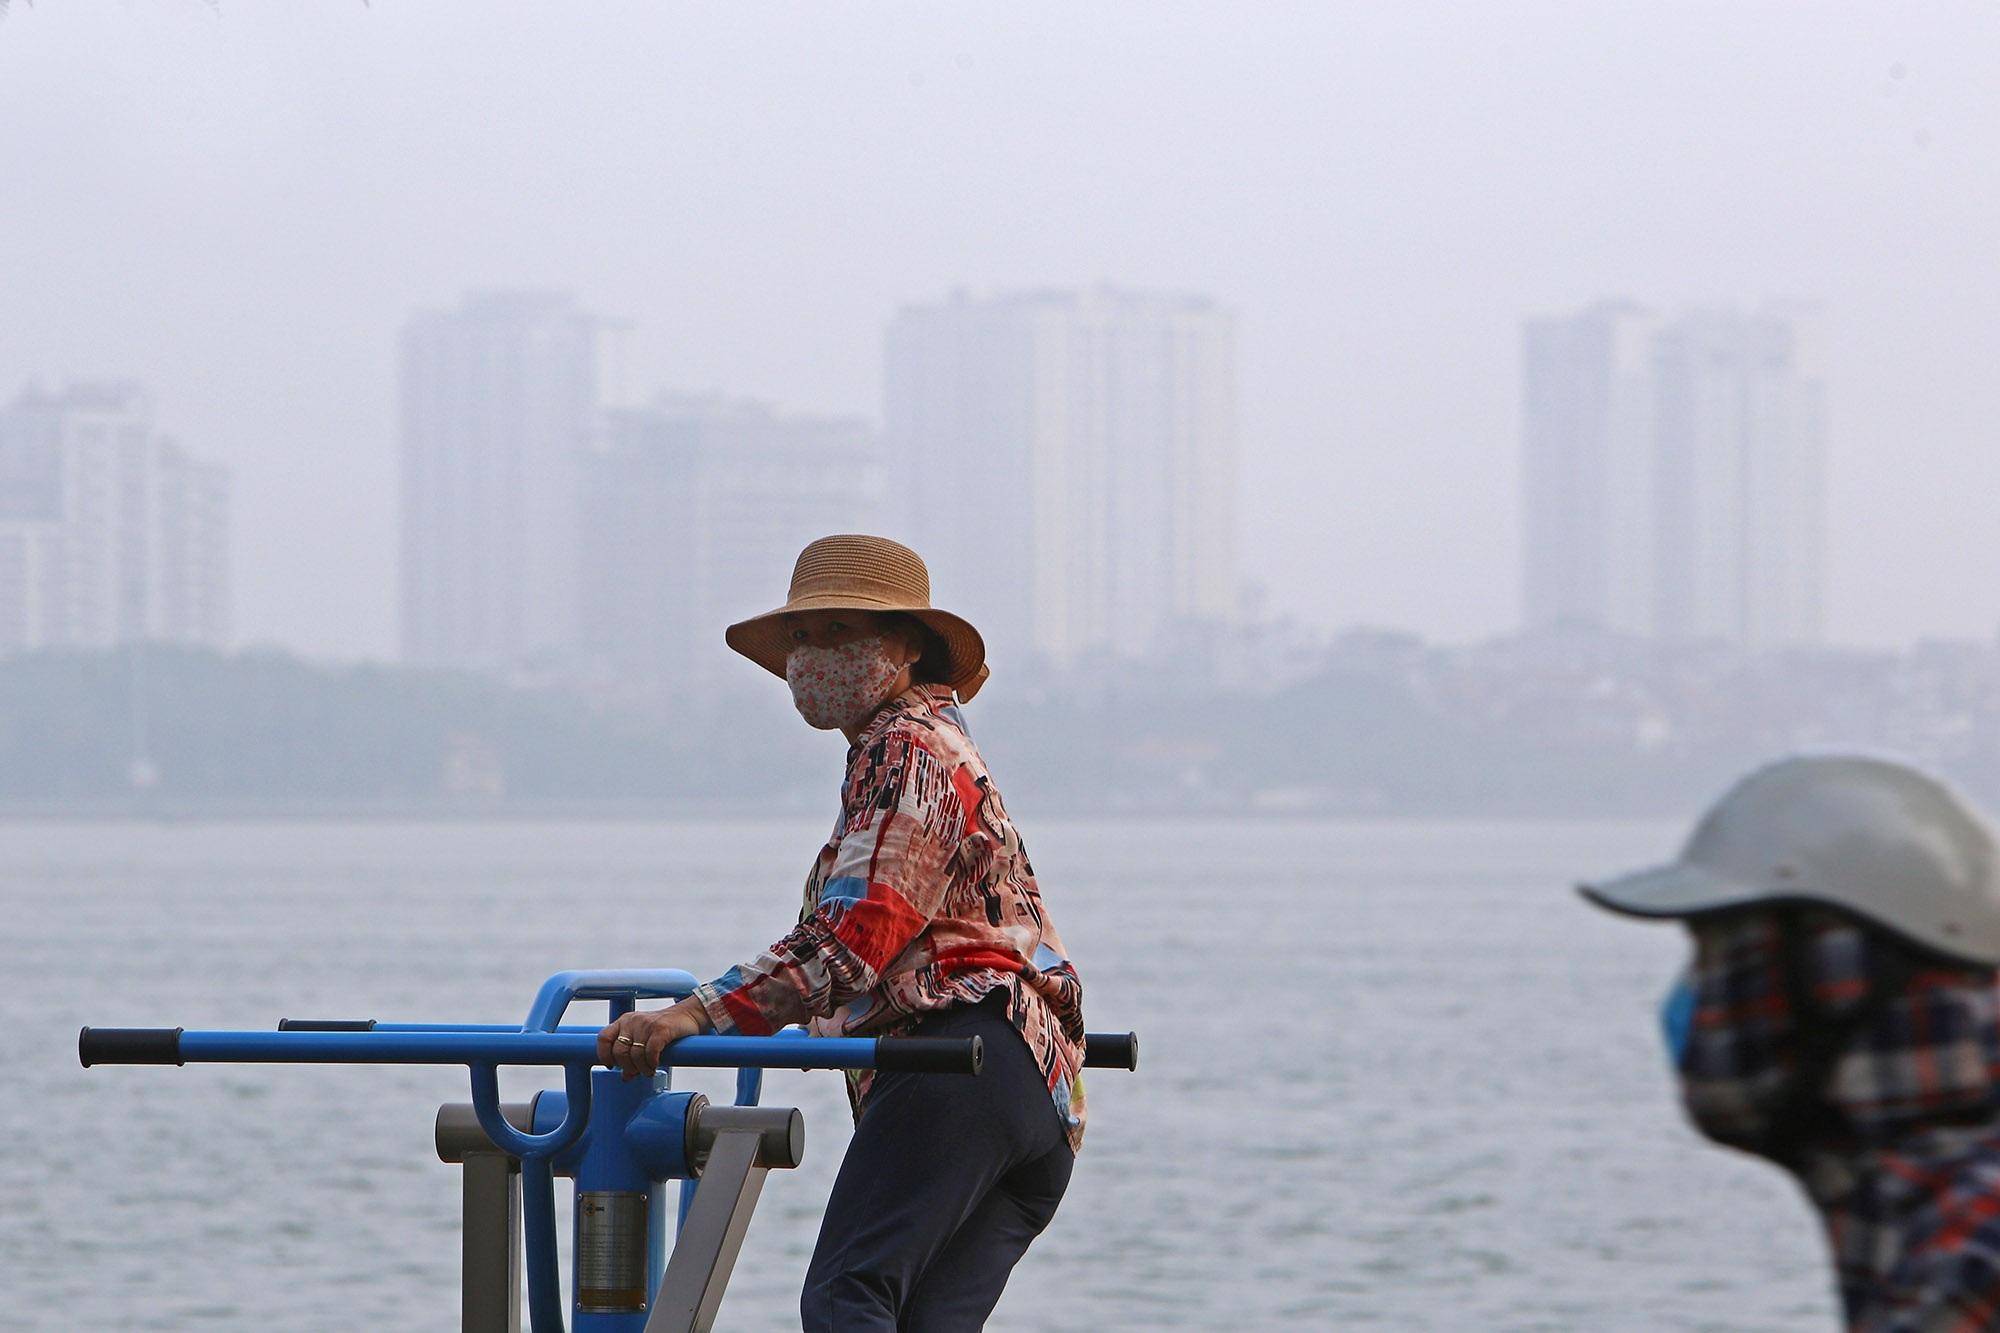 Ảnh Hà Nội trong báo động đỏ về ô nhiễm không khí - 6